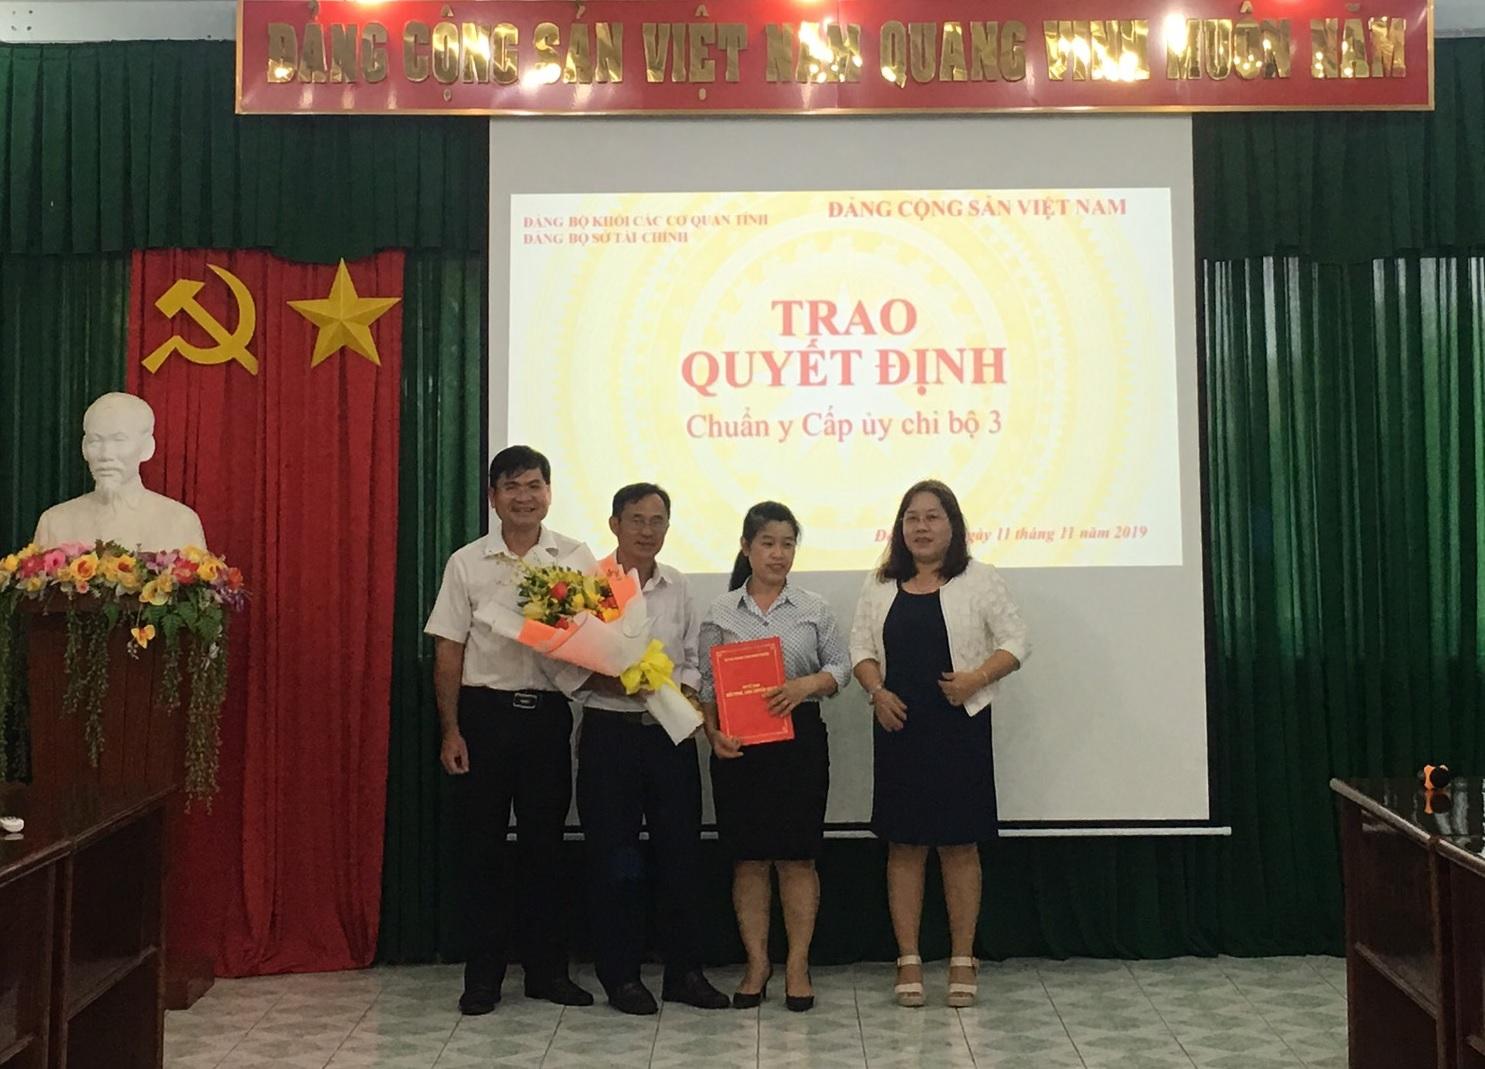 Đảng ủy Sở Tài chính đã tổ chức lễ trao Quyết đinh chuẩn y cấp ủy chi bộ 03